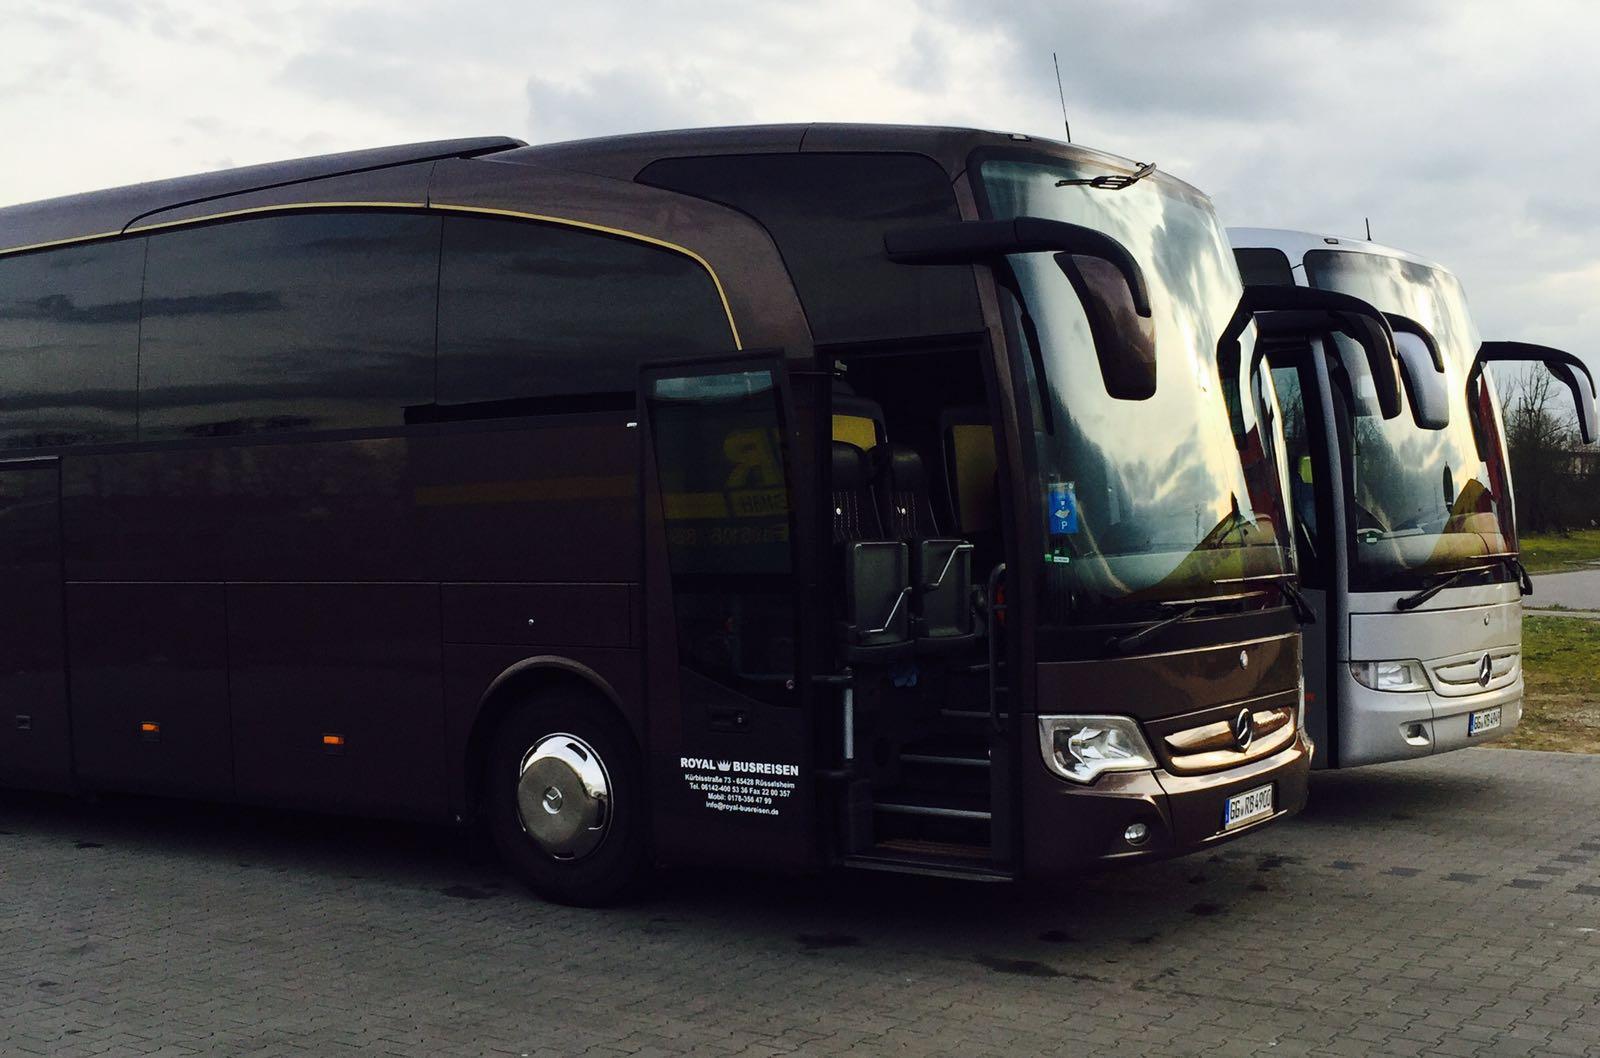 Royal Busreisen | Kürbisstr. 71, 65428 Rüsselsheim | Royal Busreisen | Kürbisstr. 71, 65428 Rüsselsheim   IMG-20160306-WA0007